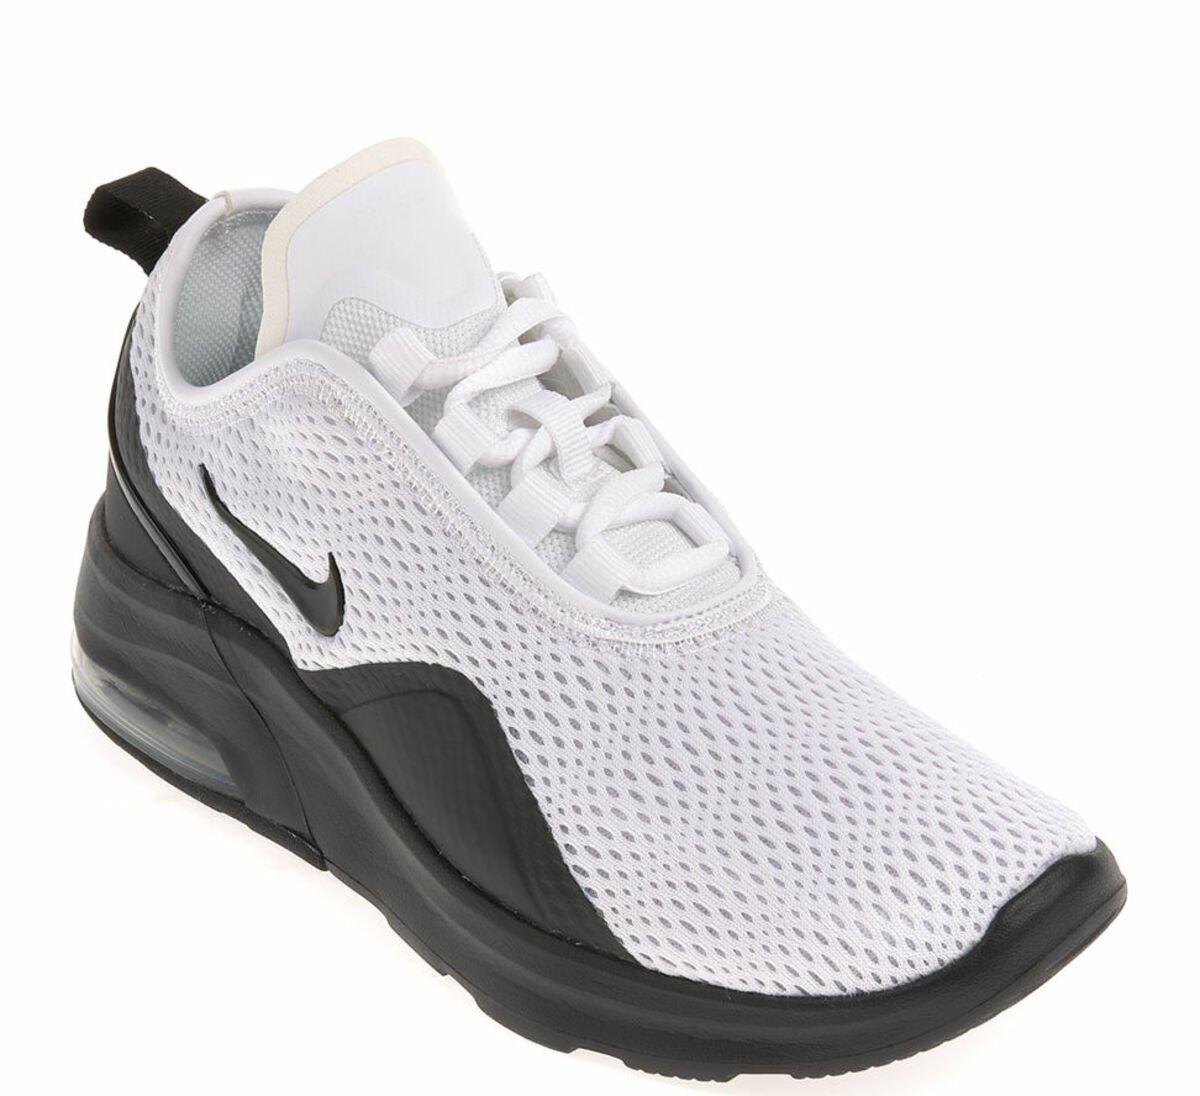 Bild 1 von NIKE Sneaker - AIR MAX MOTION 2